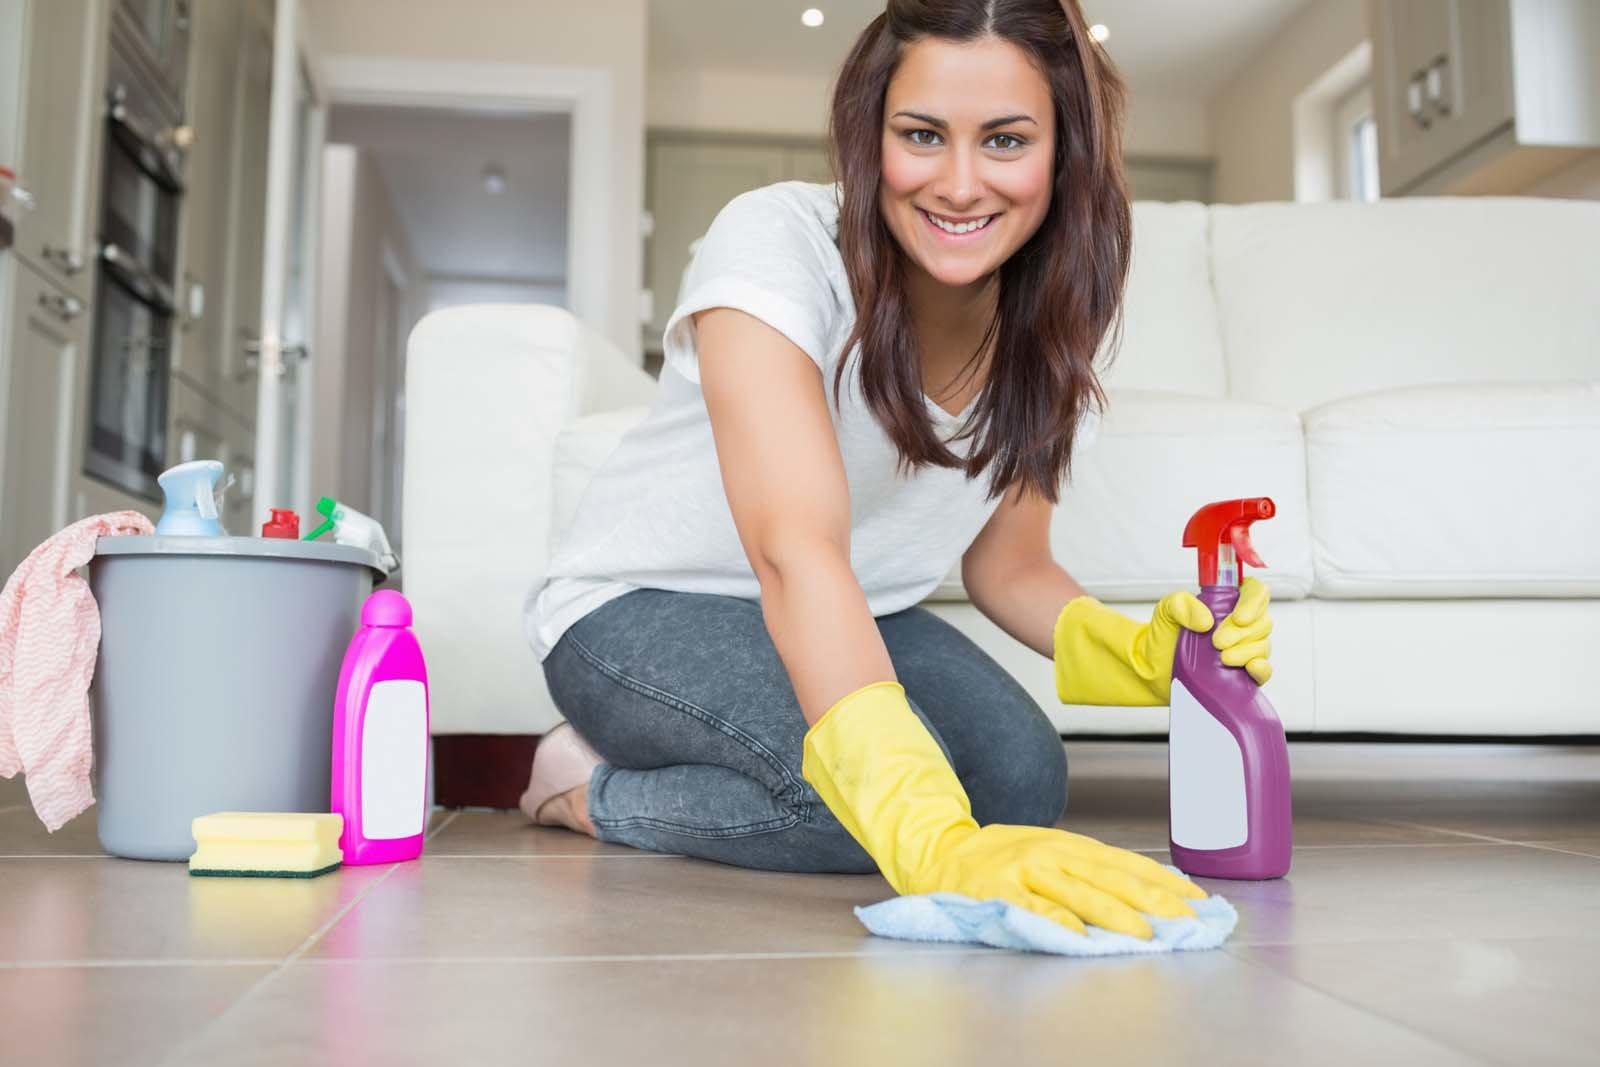 Mutfak Temizliğinde Doğal Çözümler